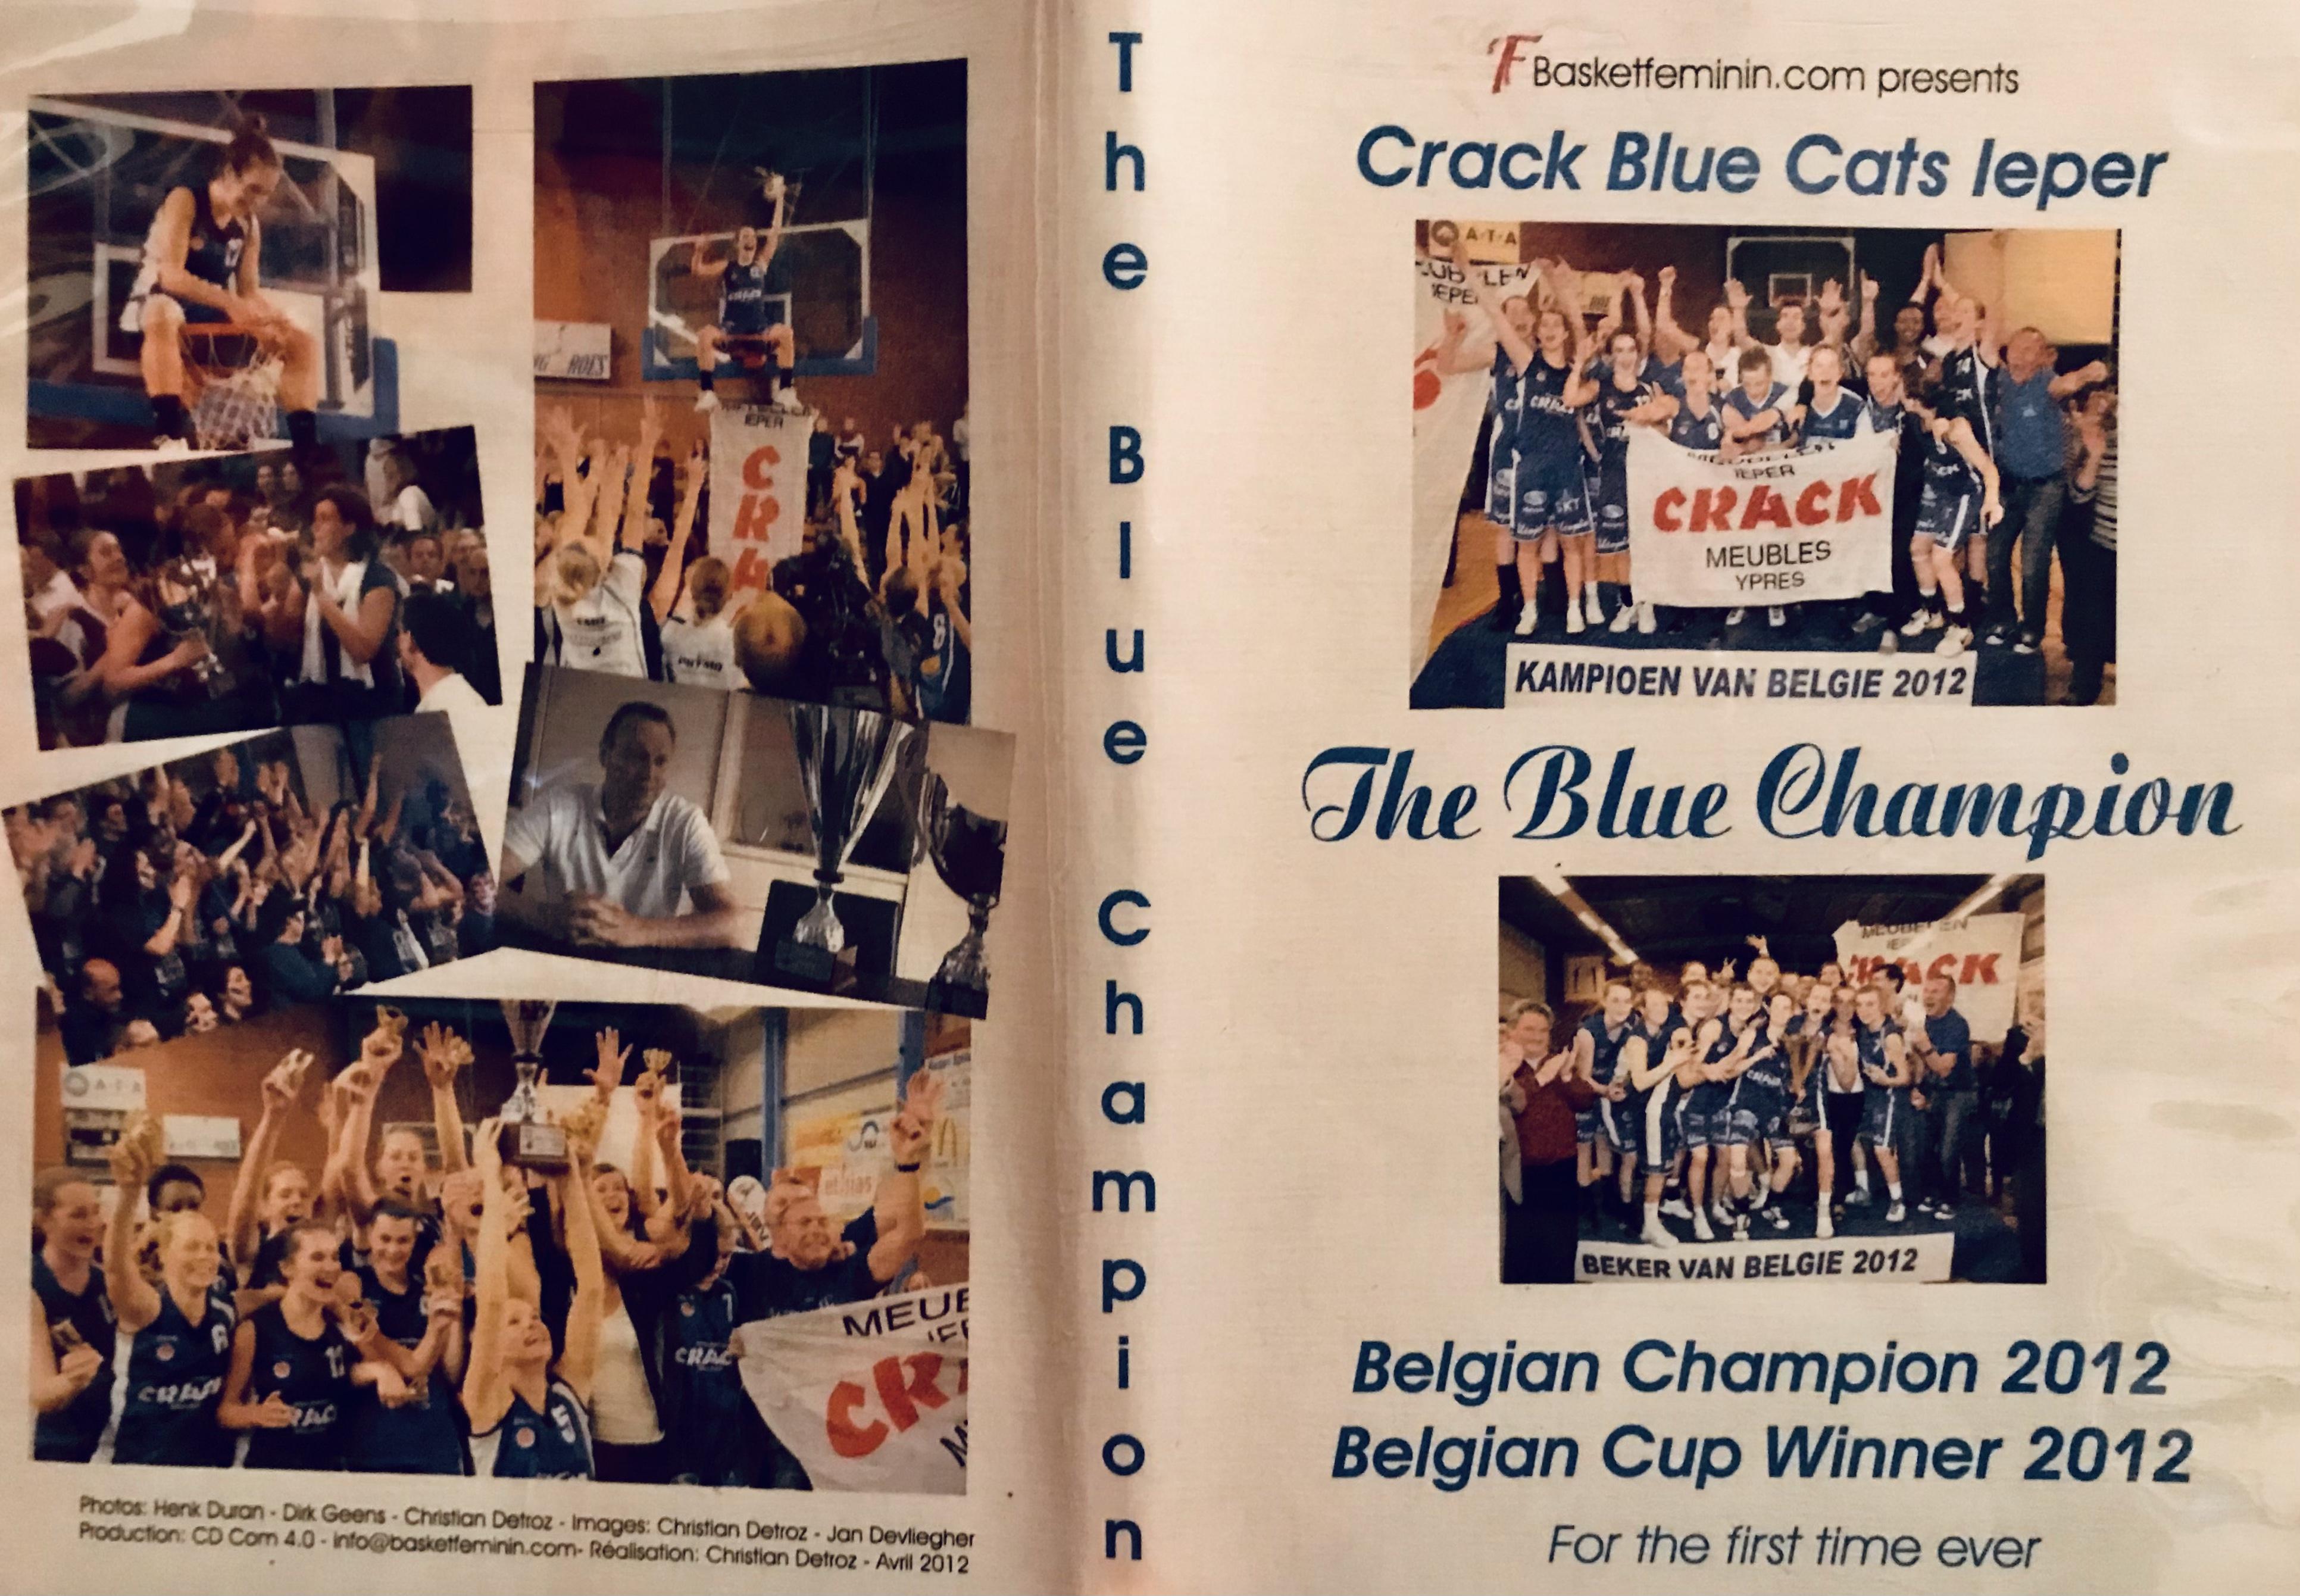 Crack Blue Cats Ieper 2012, un docu inédit de 60 minutes